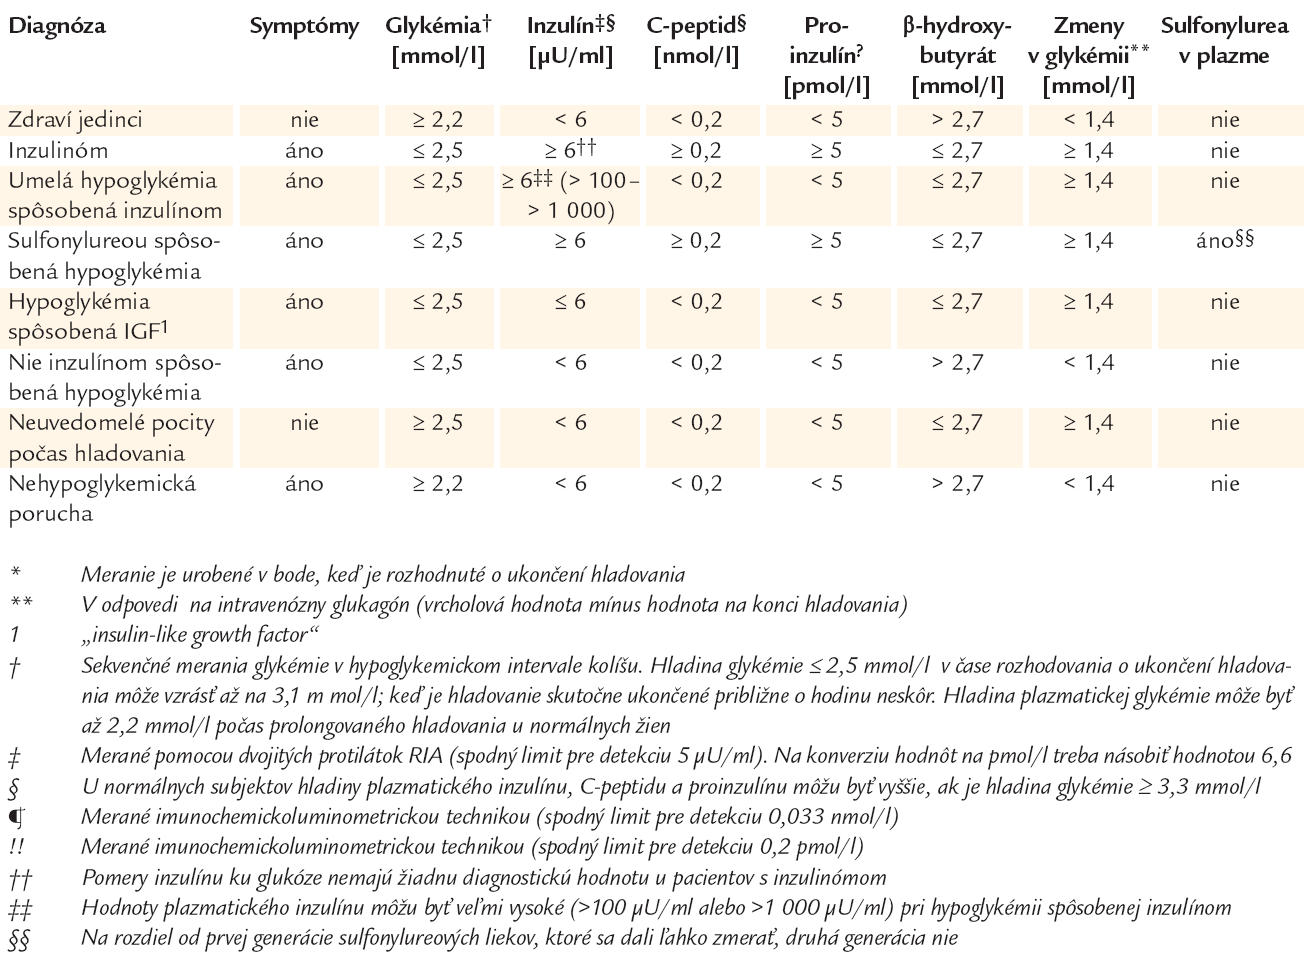 Diagnostická interpretácia výsledkov testu 72hodinového hladovania.*